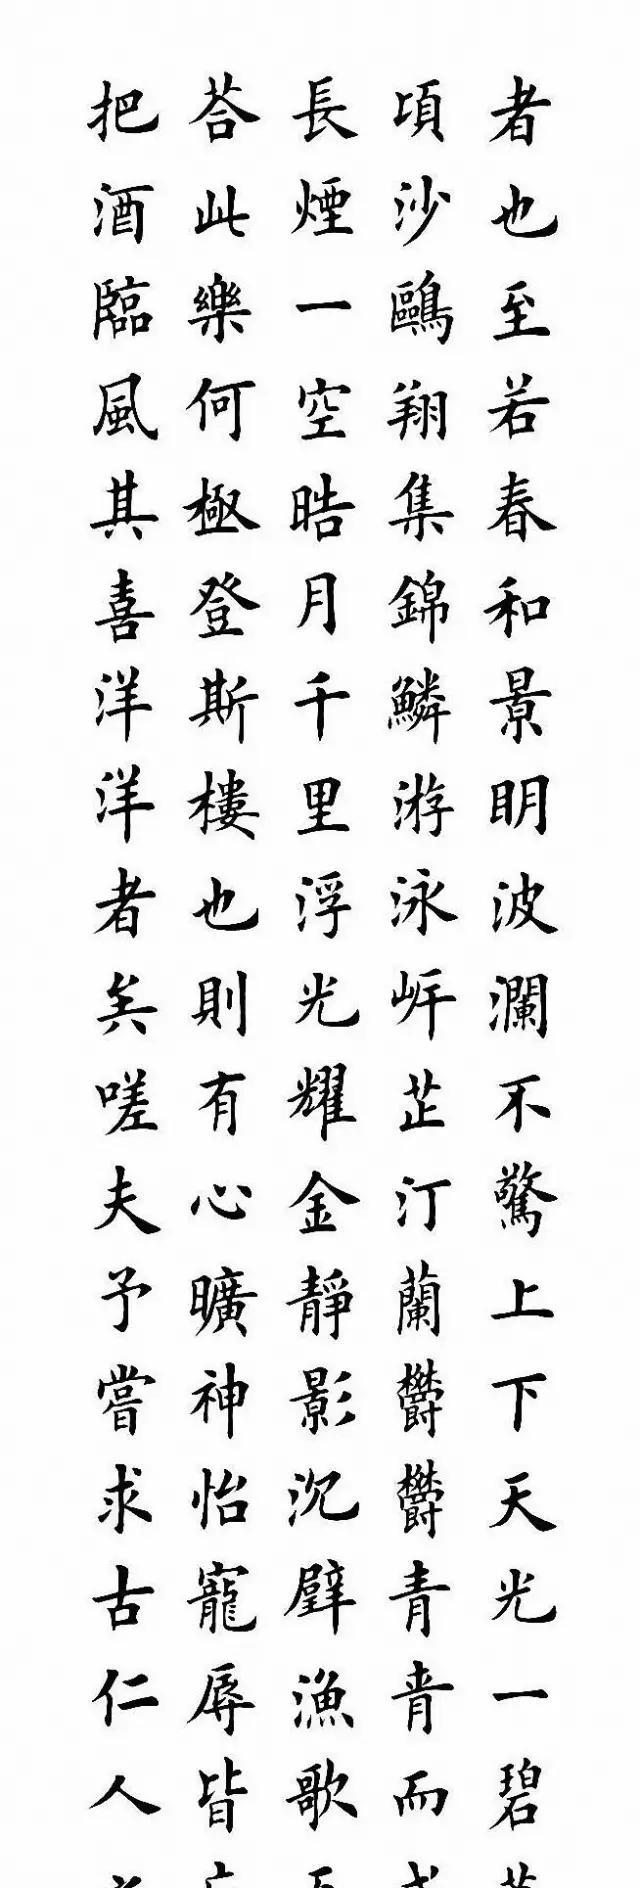 田英章楷书作品《岳阳楼记》两种